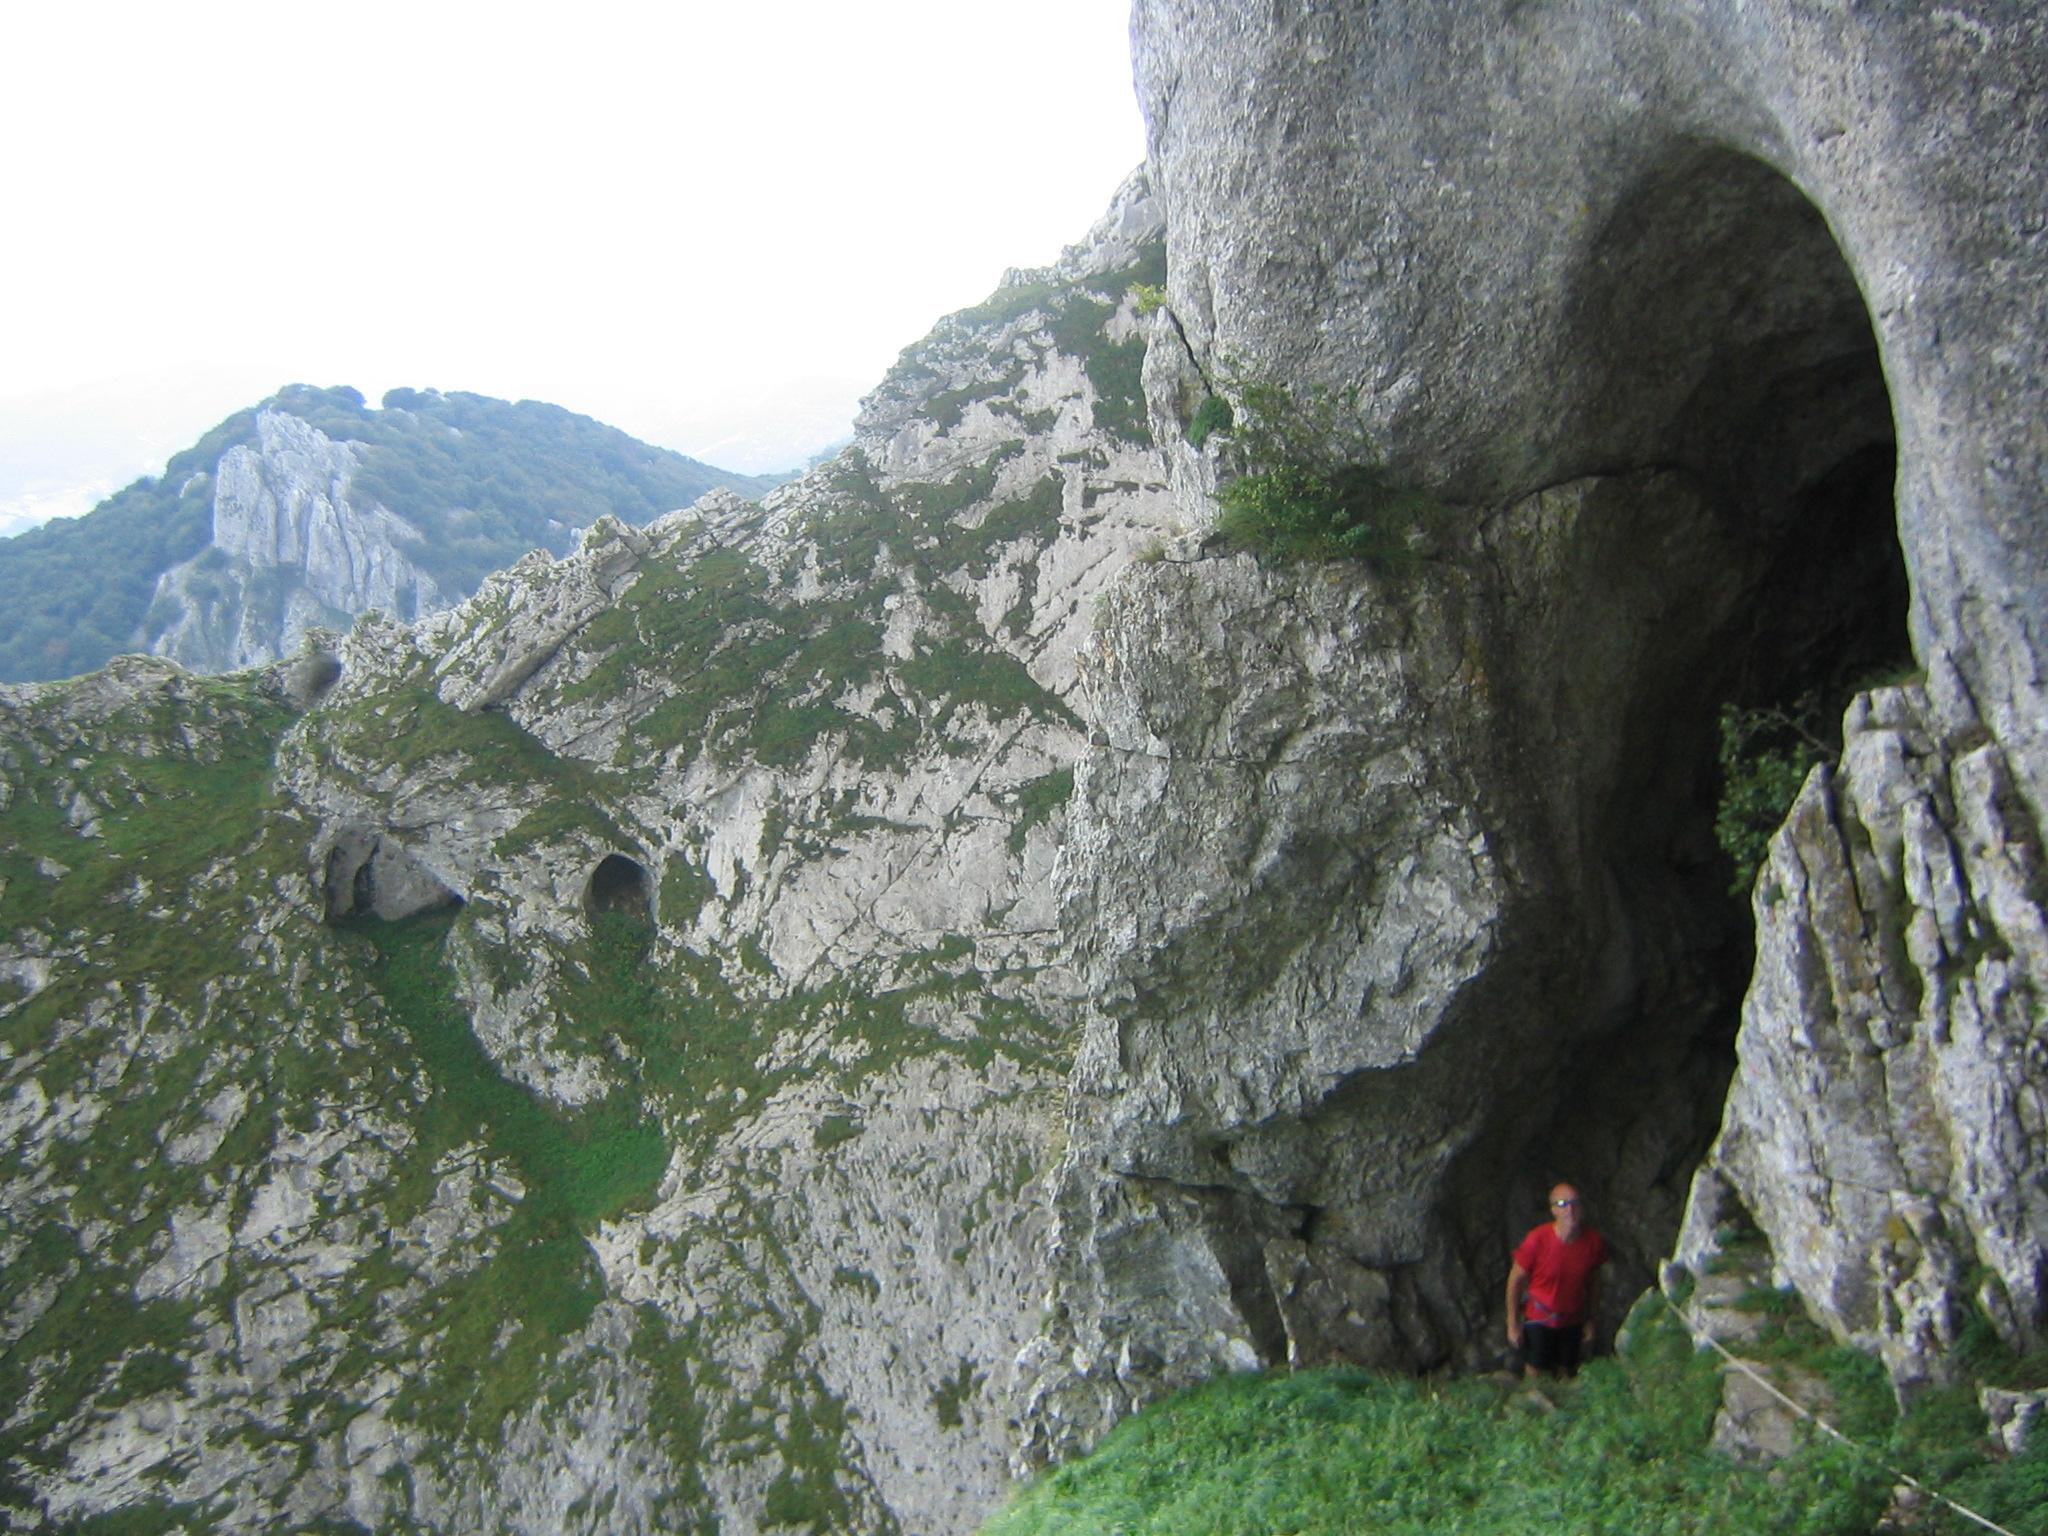 Archivo:Cueva de Mari entrada 1.JPG